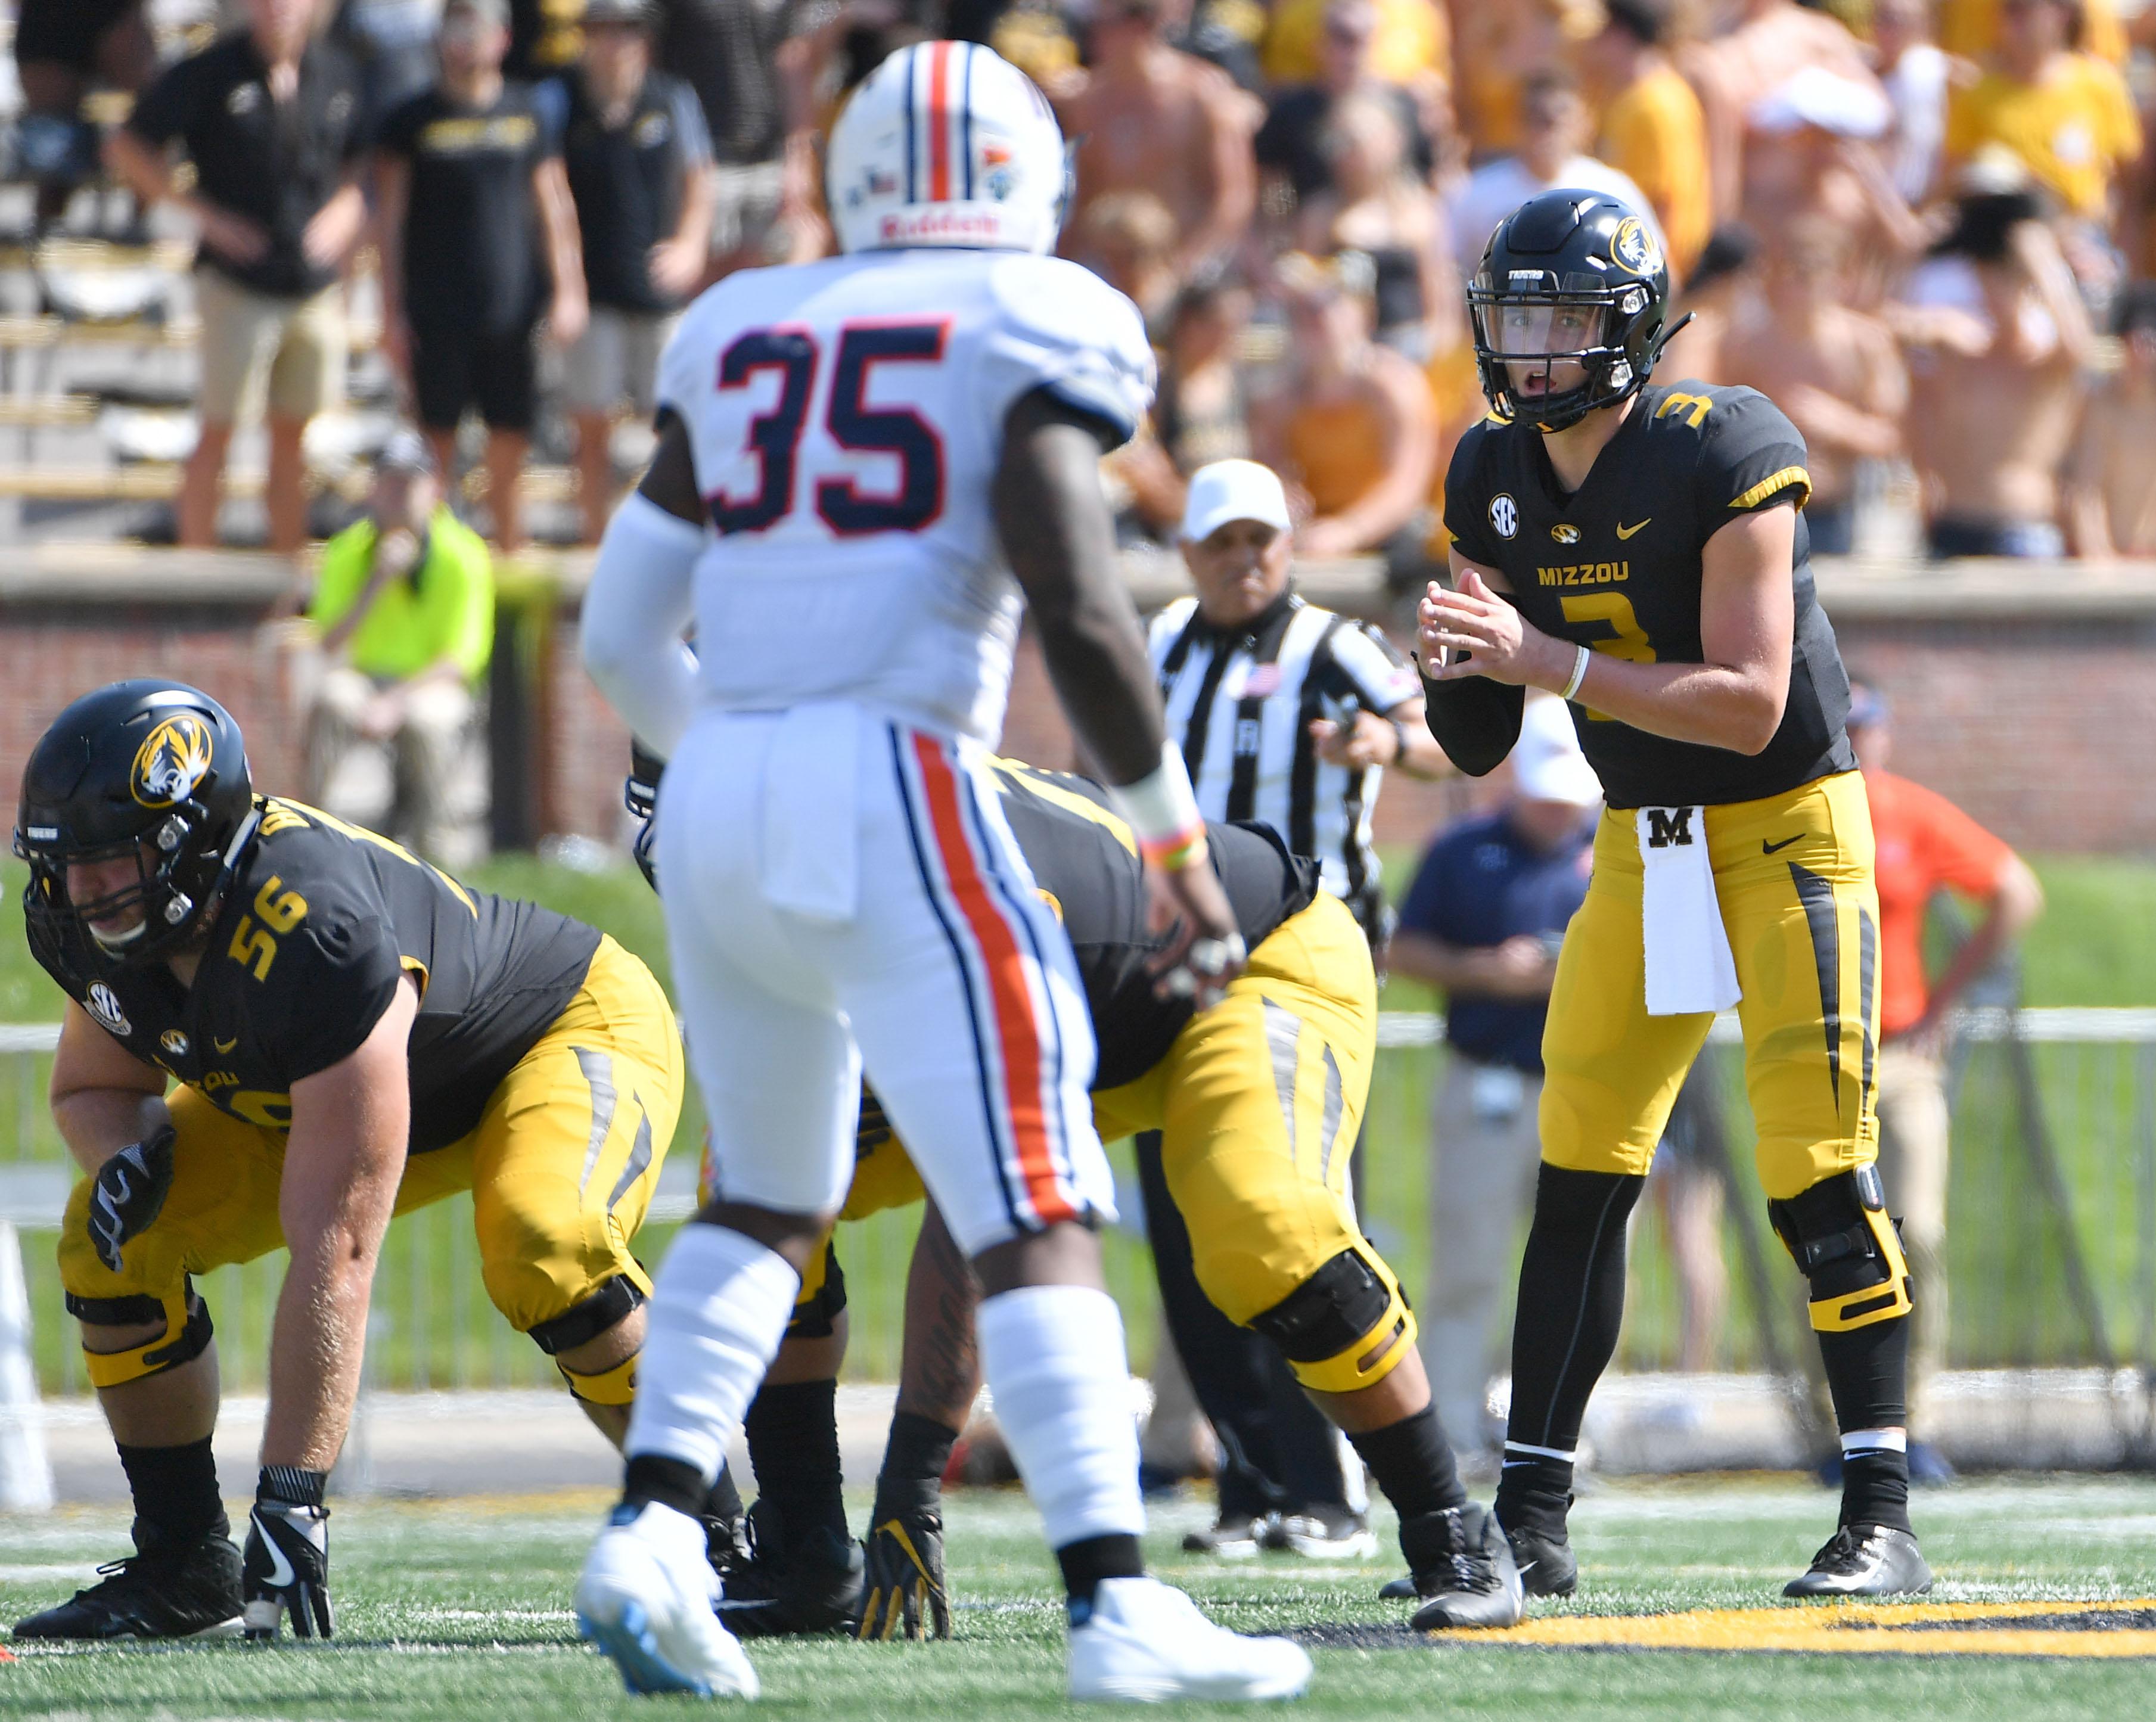 NCAA Football: Tennessee-Martin at Missouri